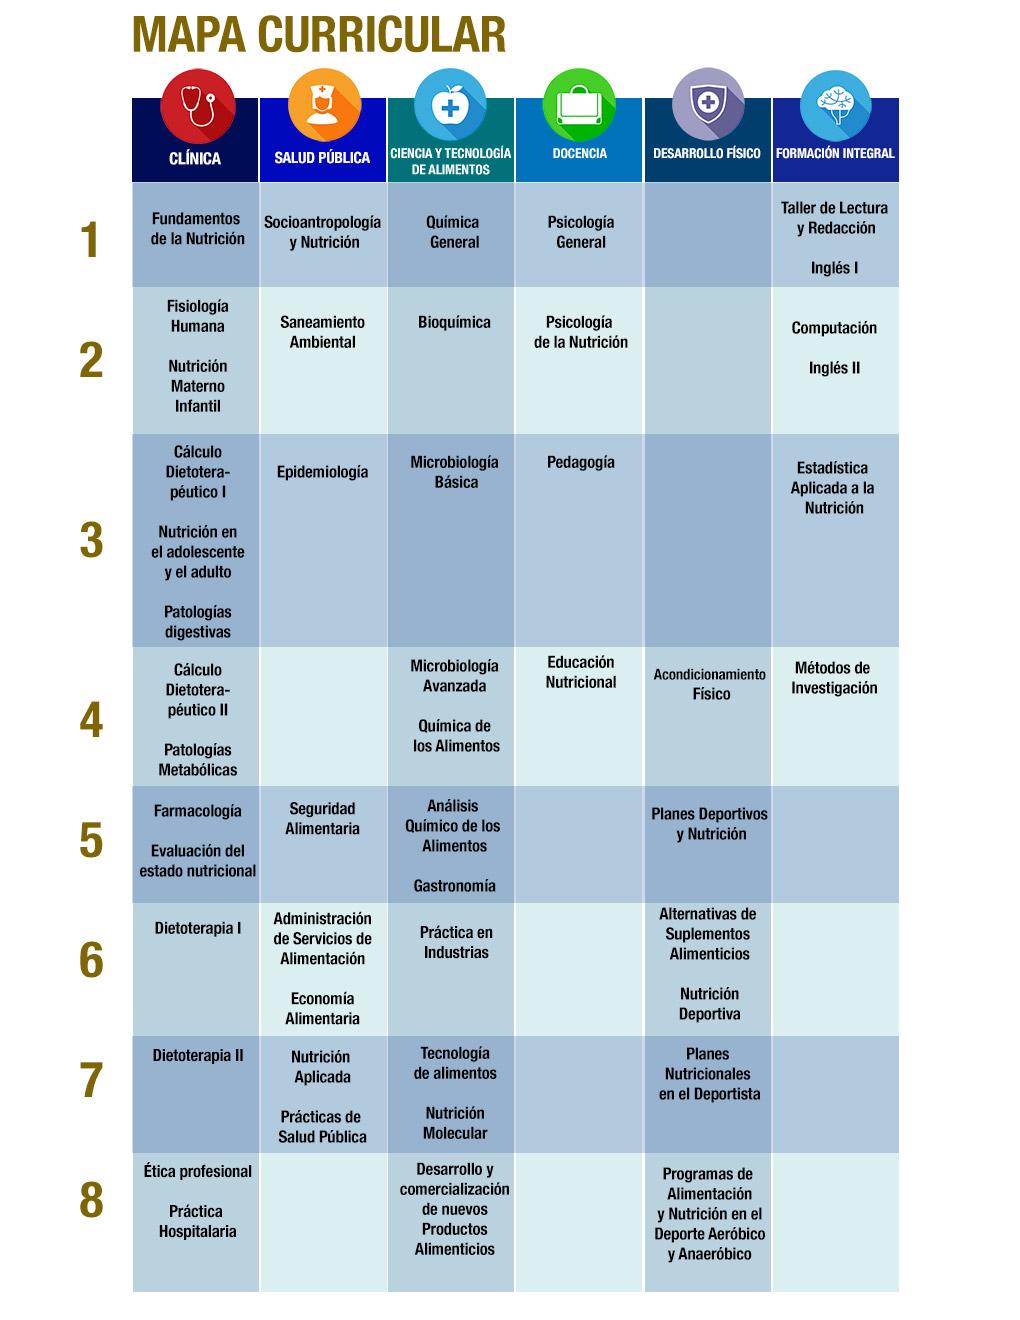 MAPA-CURRICULAR-LICENCIATURA-EN-NUTRICIÓN-COATZACOALCOS-UNIVERSIDAD-ANGLO-IESAM-COATZA